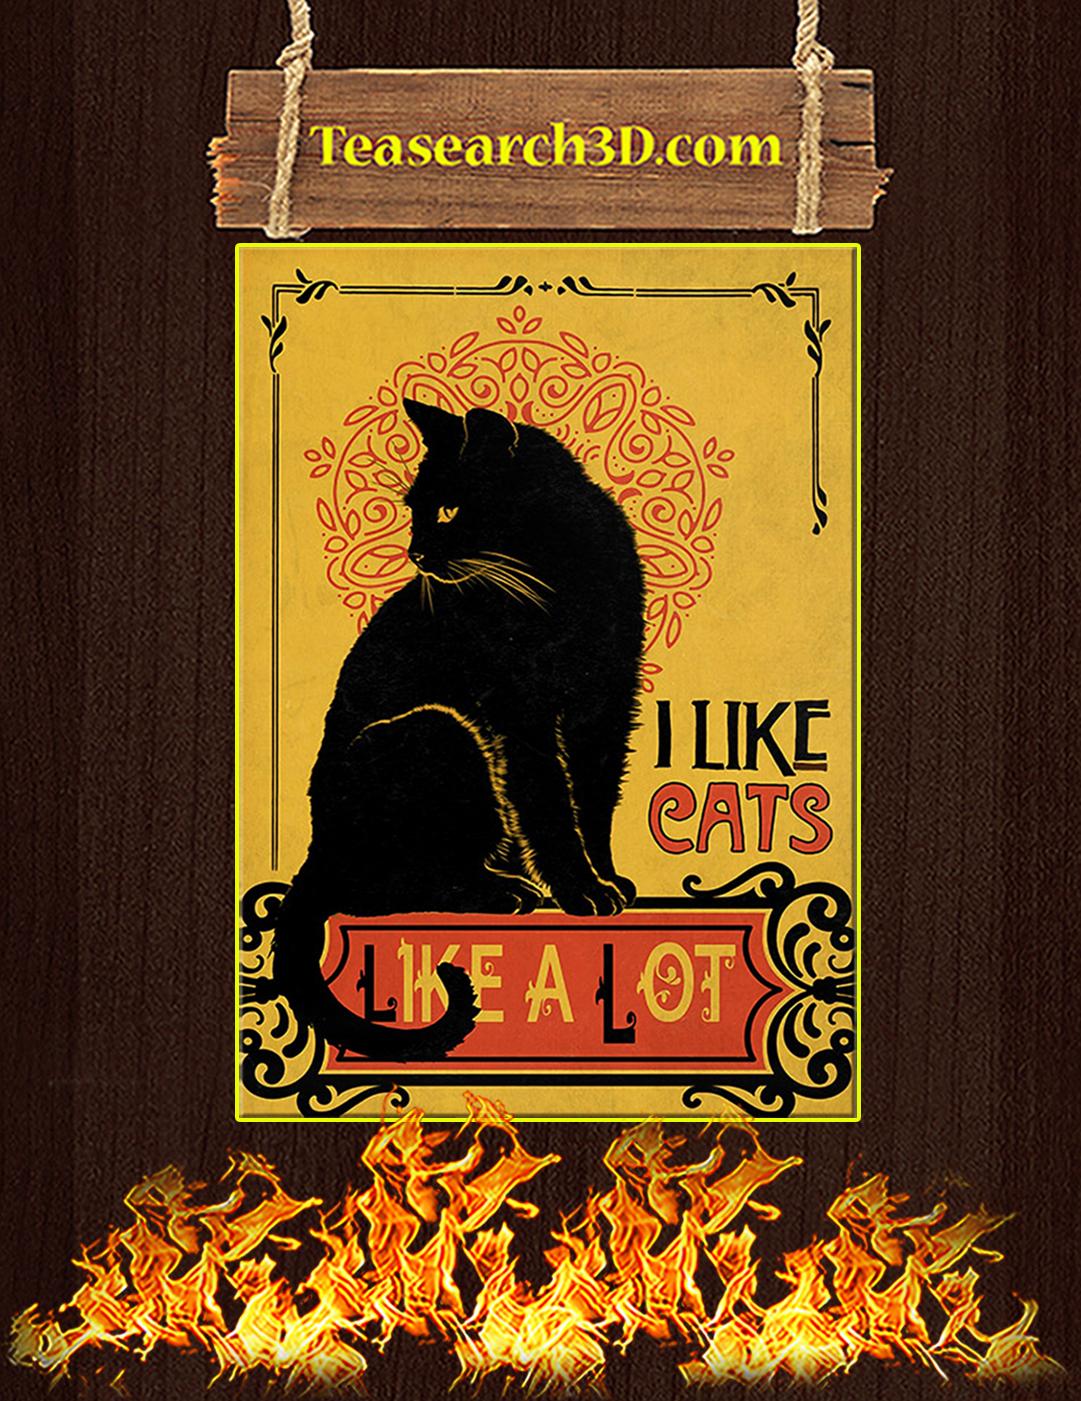 I like cats like a lot poster A2